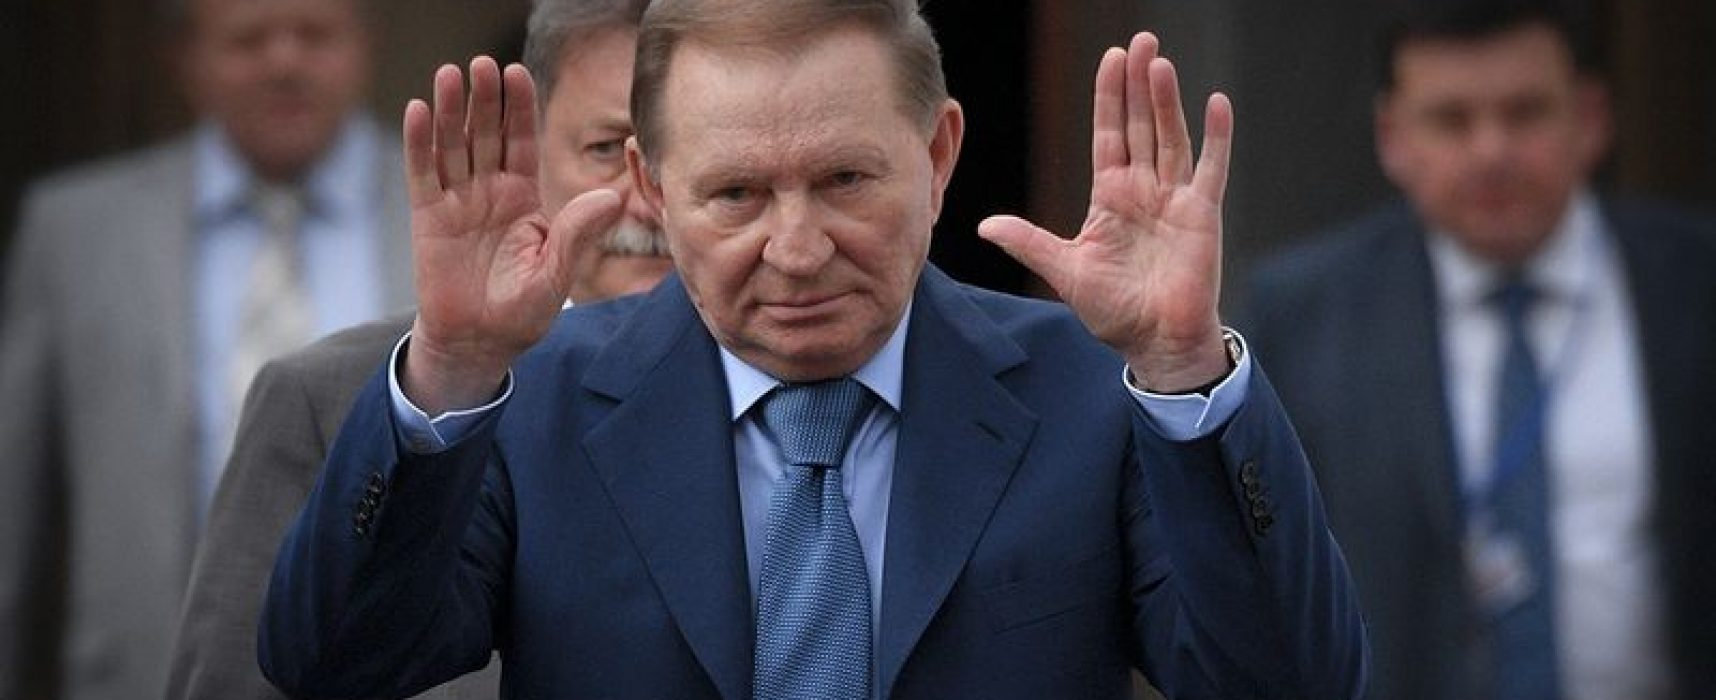 Разочарование Кремля: реакция пропаганды на отказ Украины от «мира» на российских условиях